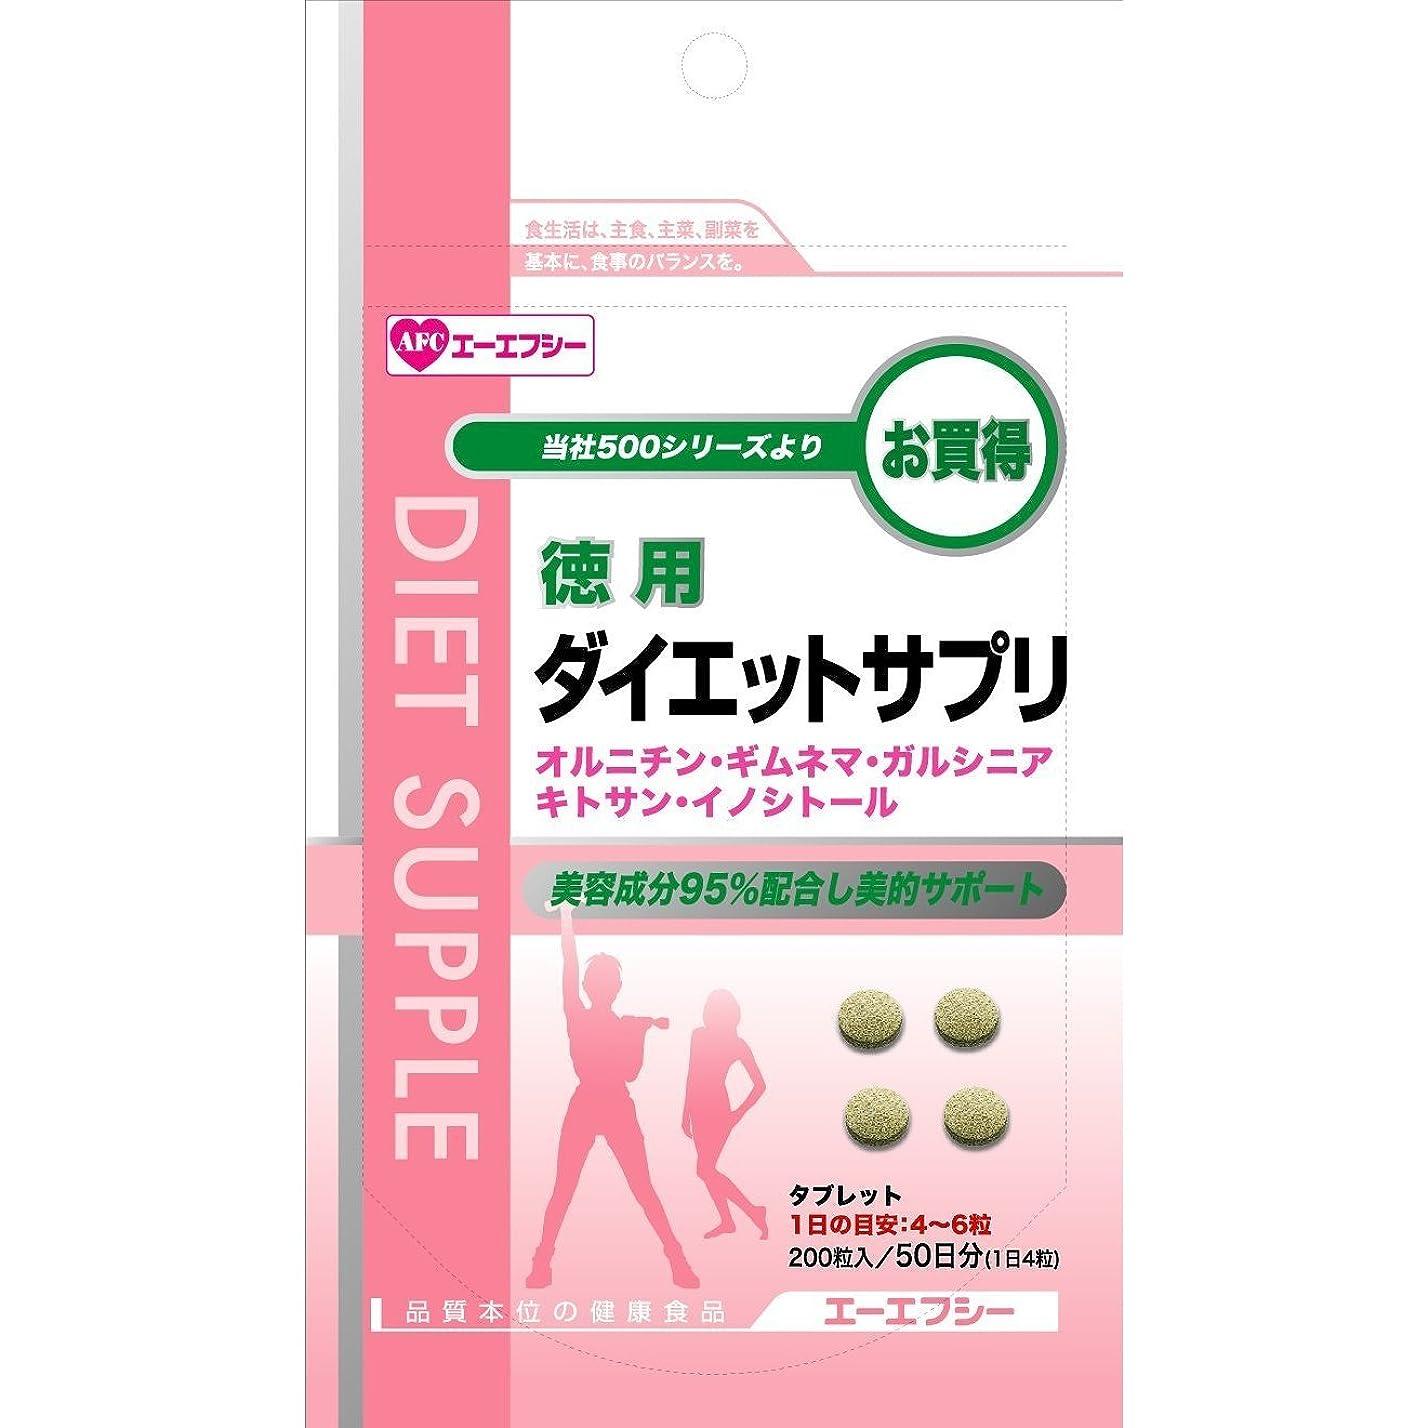 コロニアルクリーナー猟犬AFC980円シリーズ 徳用 ダイエットサプリ 200粒入 (約50日分)【10袋セット】